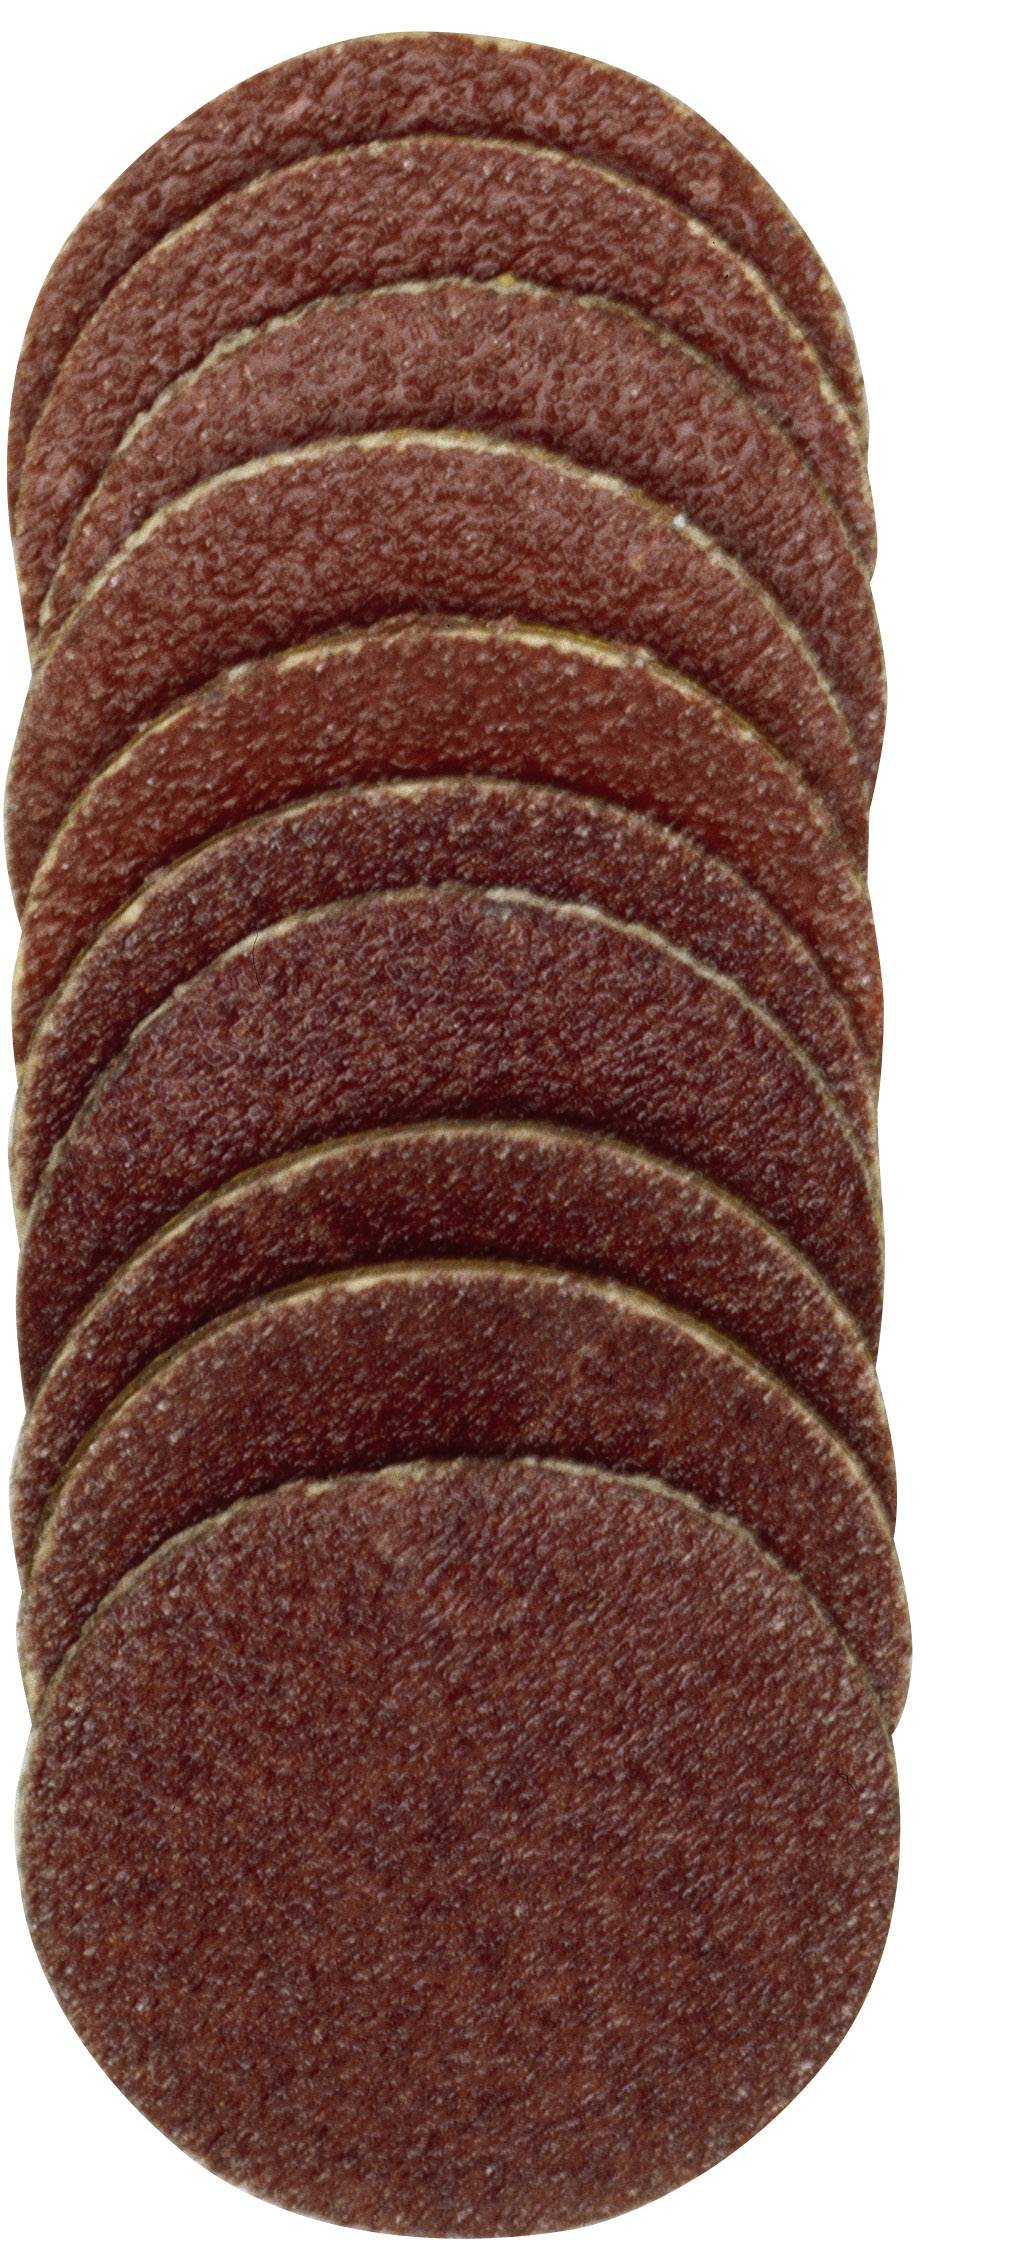 20 dielny. Sada náhradných brúsnych listov Ø 18 mm Proxxon Micromot 28 983 18 mm, Zrnitosť 120/150, 1 sada